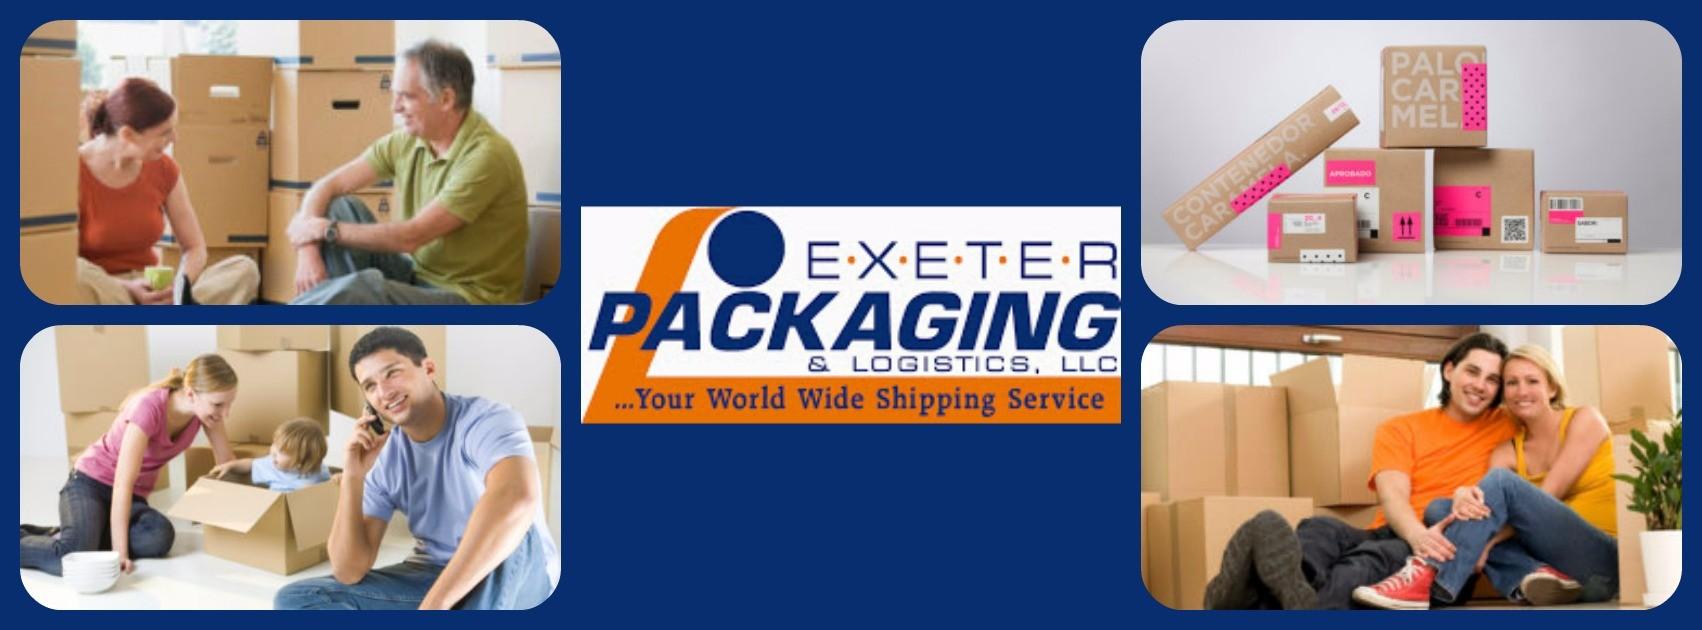 Exeter Packaging Slider 6